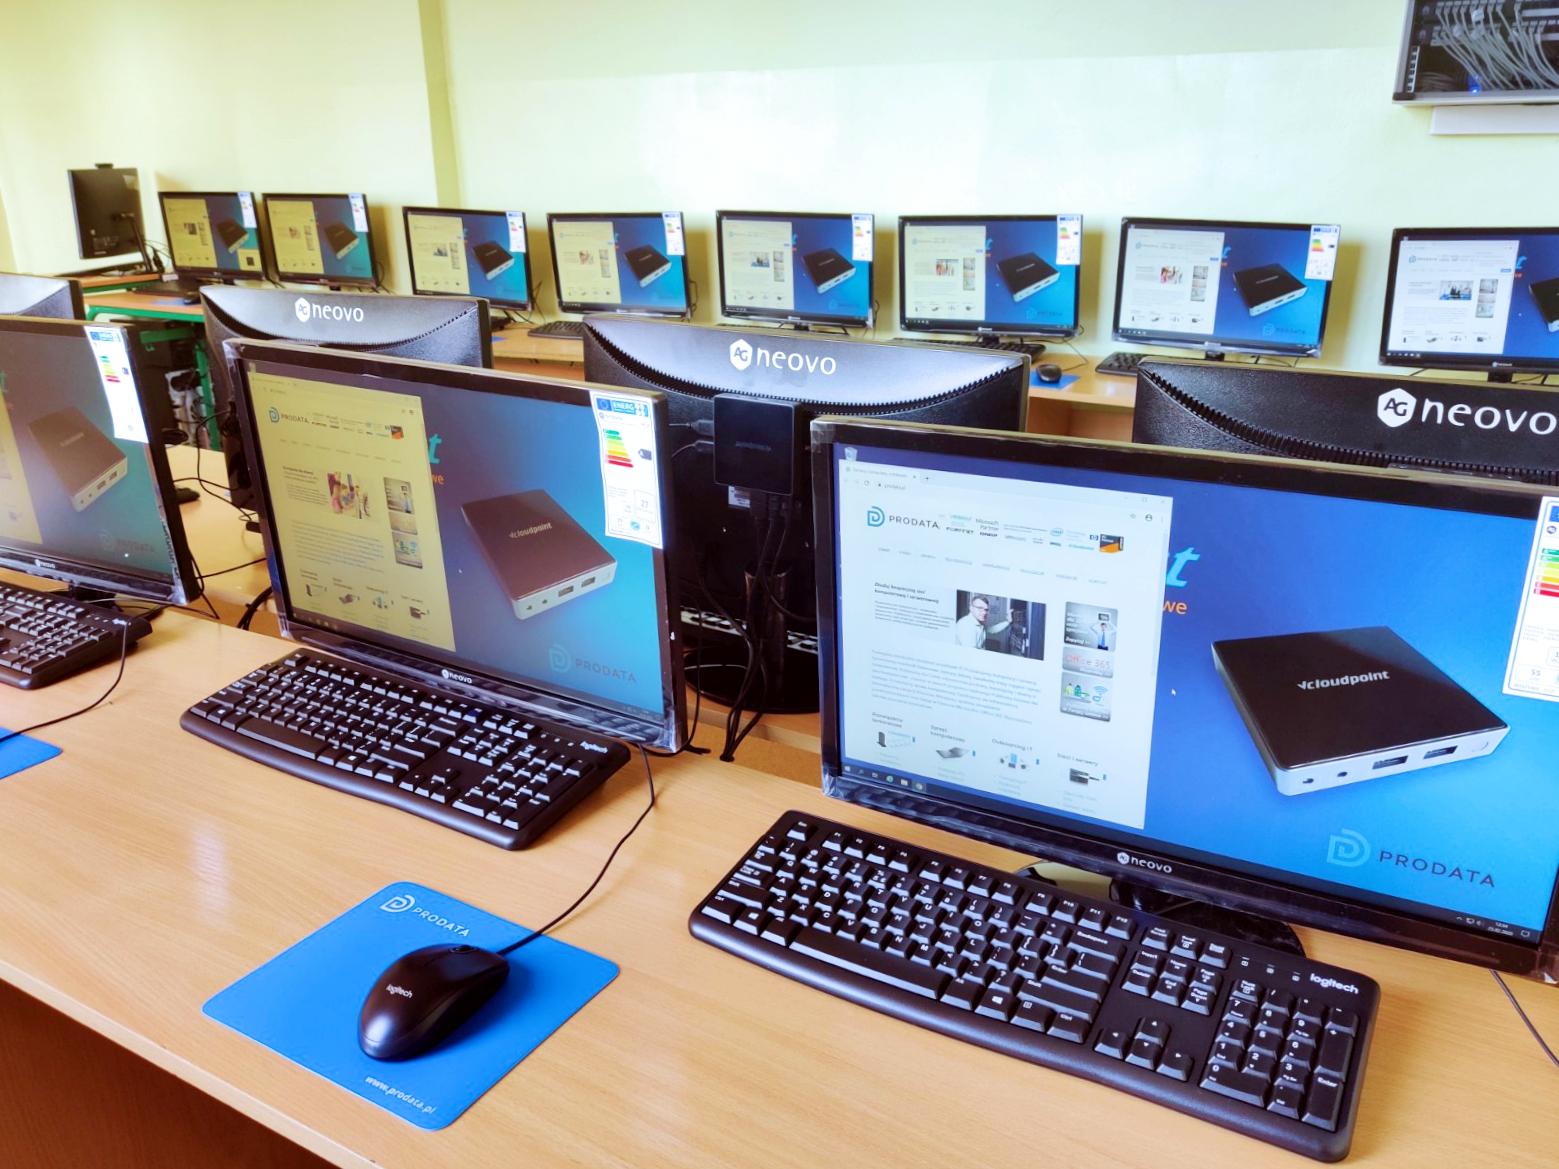 Pracownia terminalowa vCloudPoint w Głuchowie